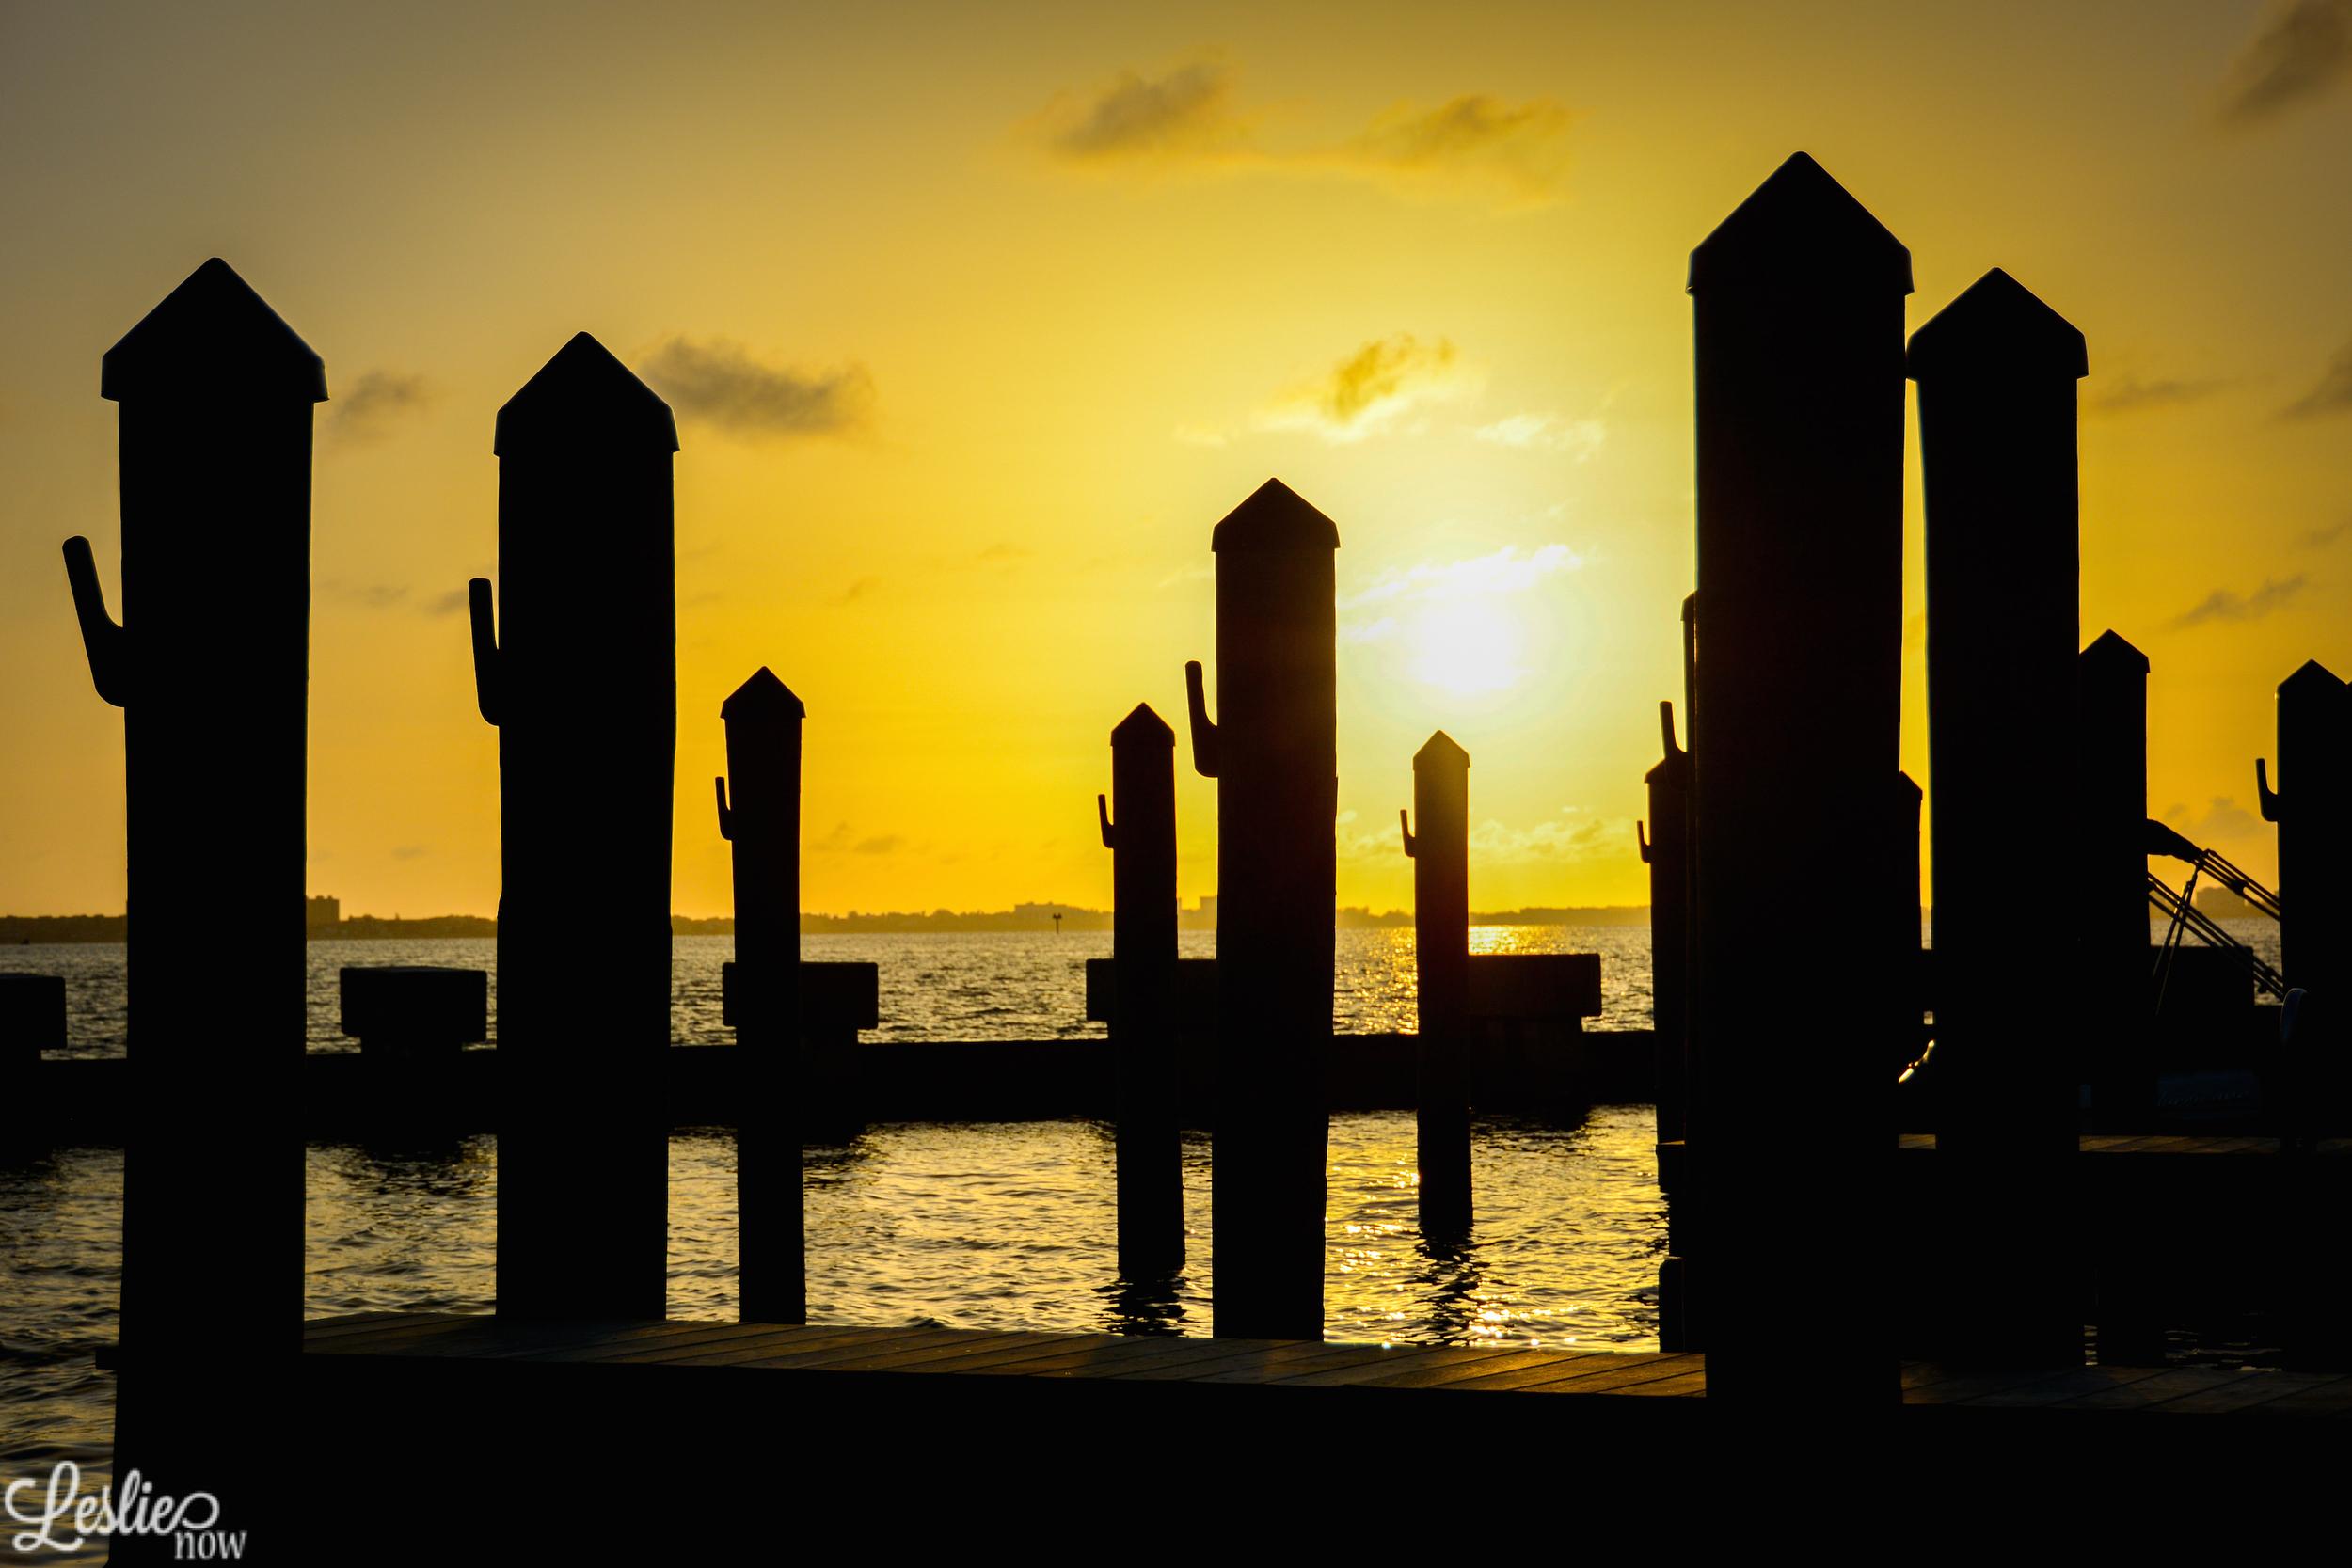 Golden Dock Sunset - Leslie Brown